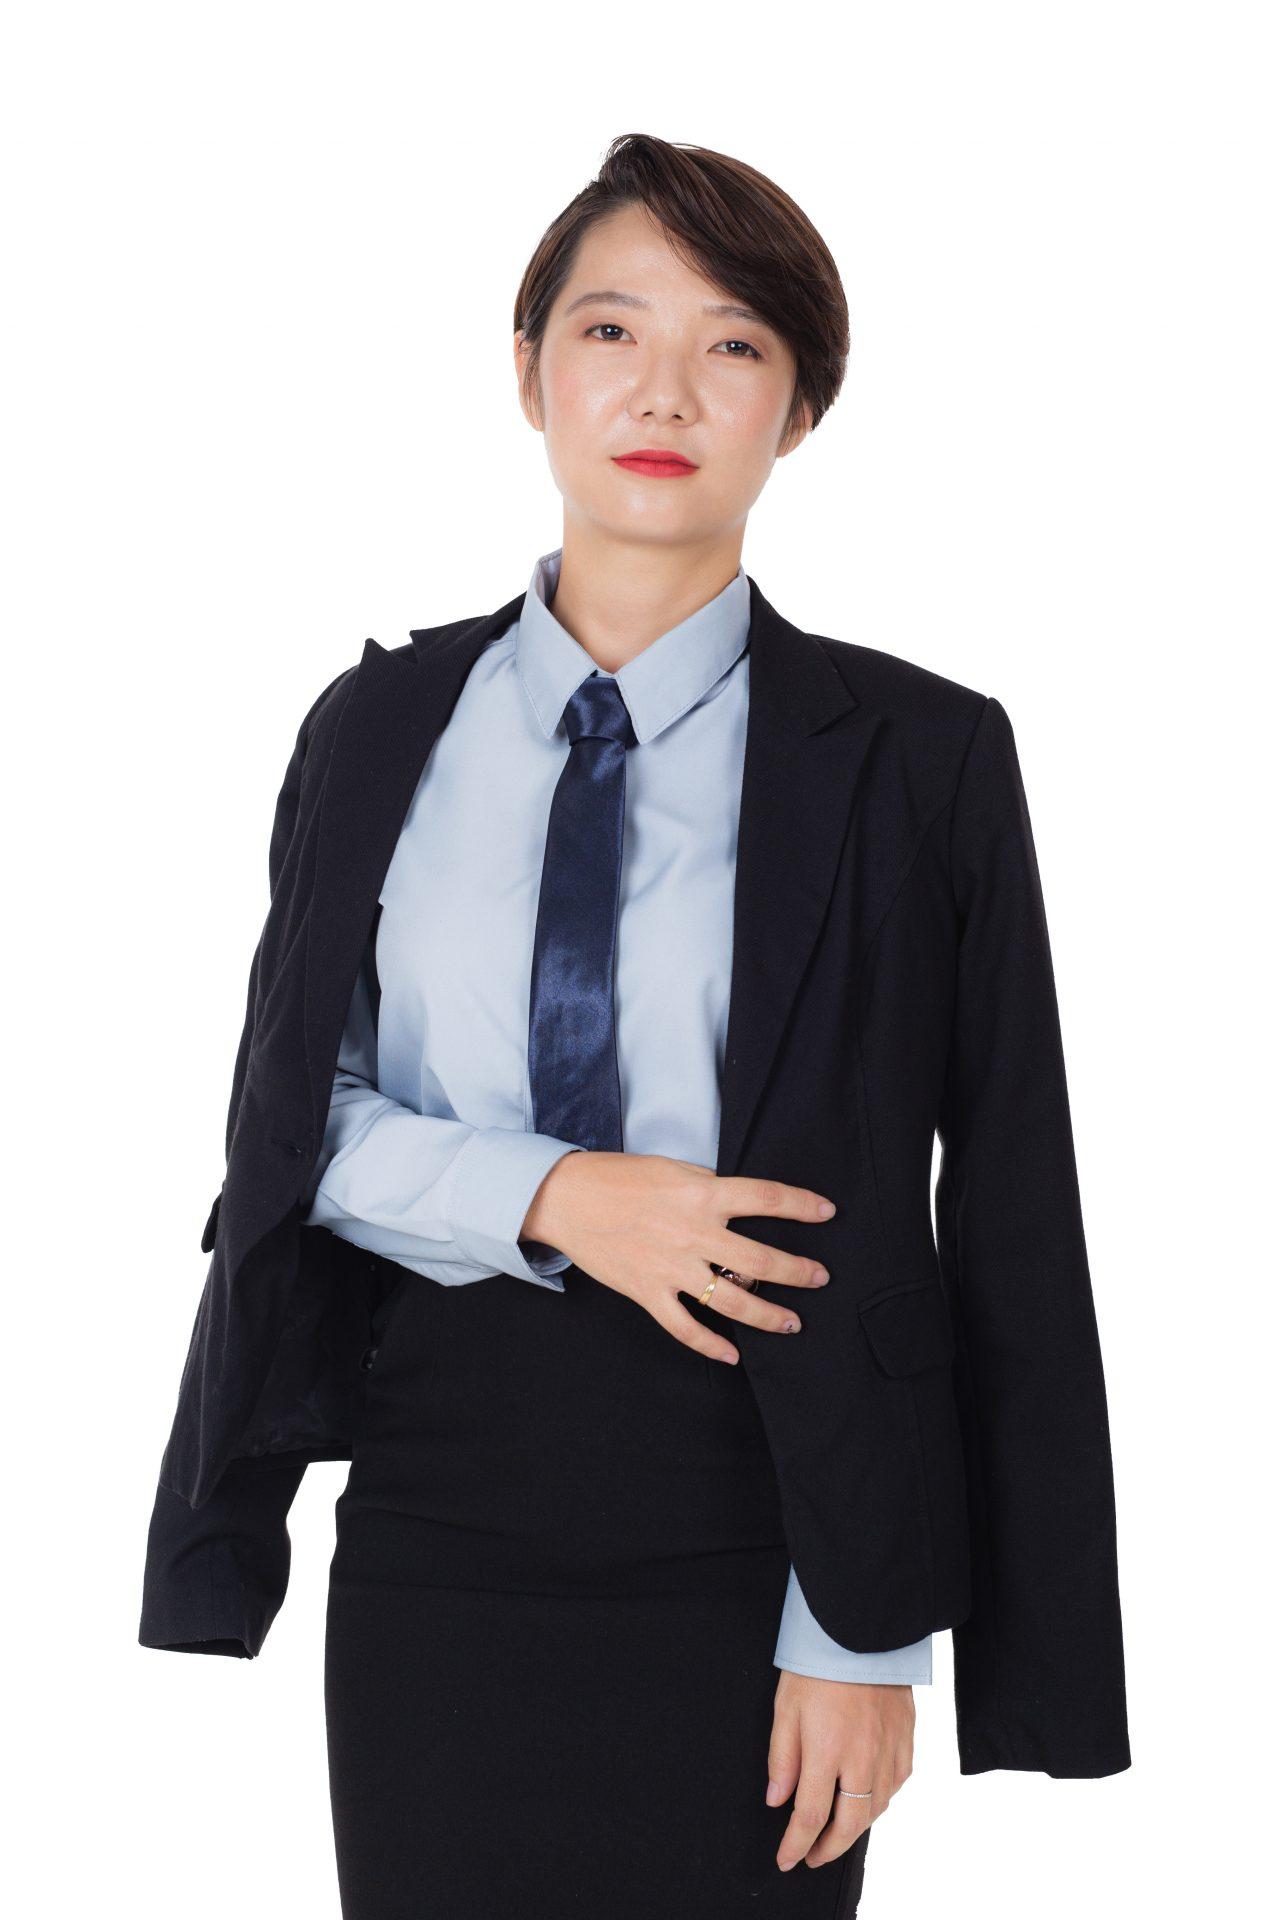 Chụp ảnh doanh nhân nữ